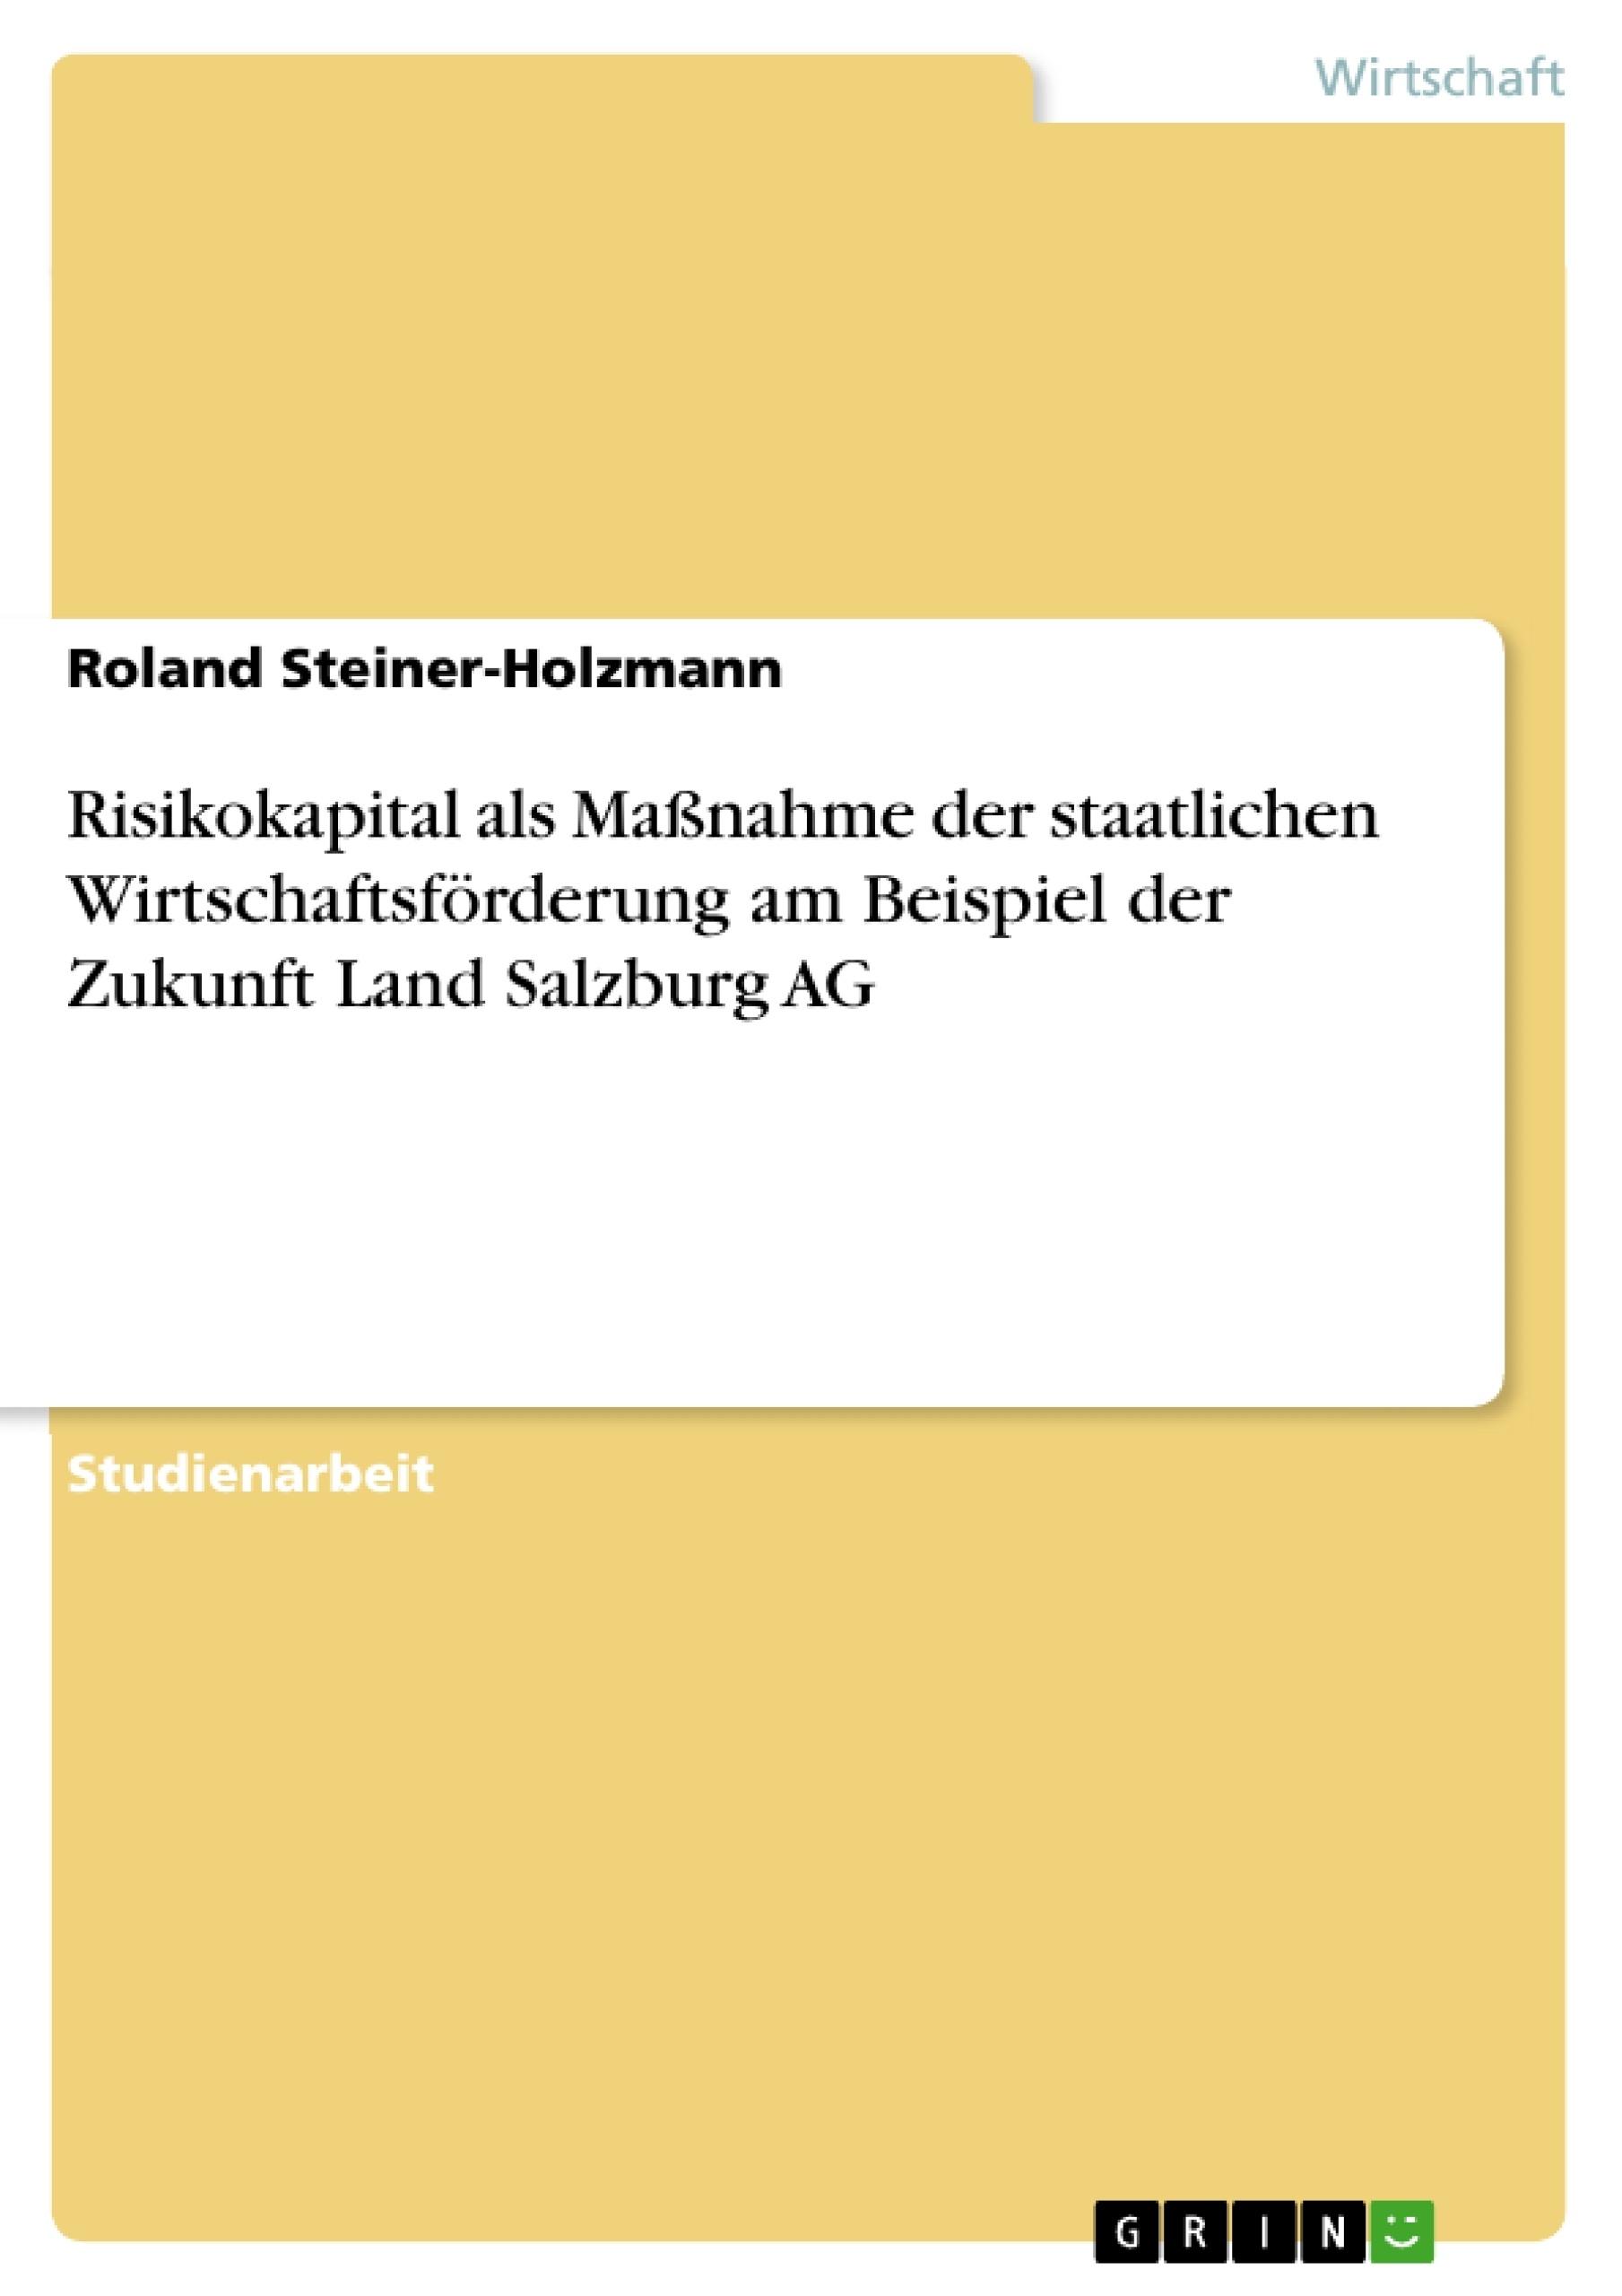 Titel: Risikokapital als Maßnahme der staatlichen Wirtschaftsförderung am Beispiel der Zukunft Land Salzburg AG